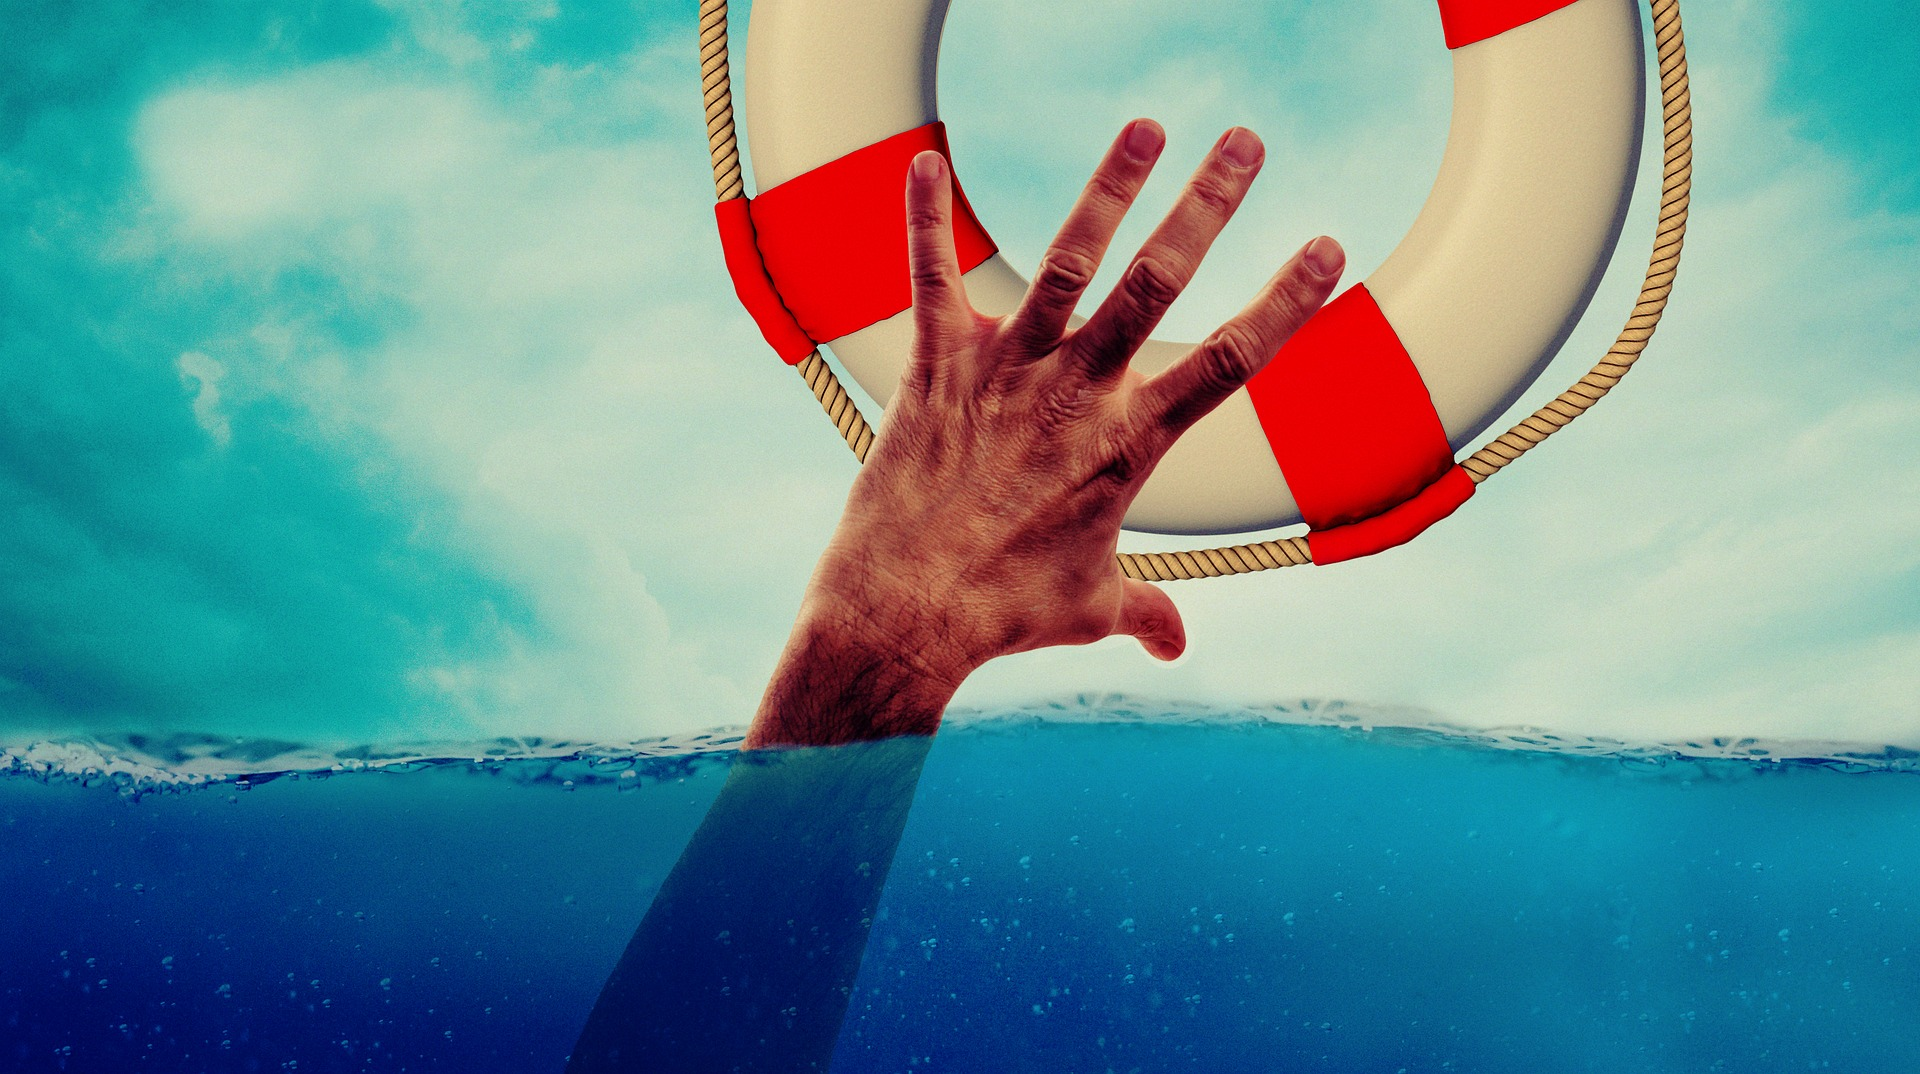 Upadłość konsumencka 2020 – zmiana ustawy o upadłości konsumenckiej